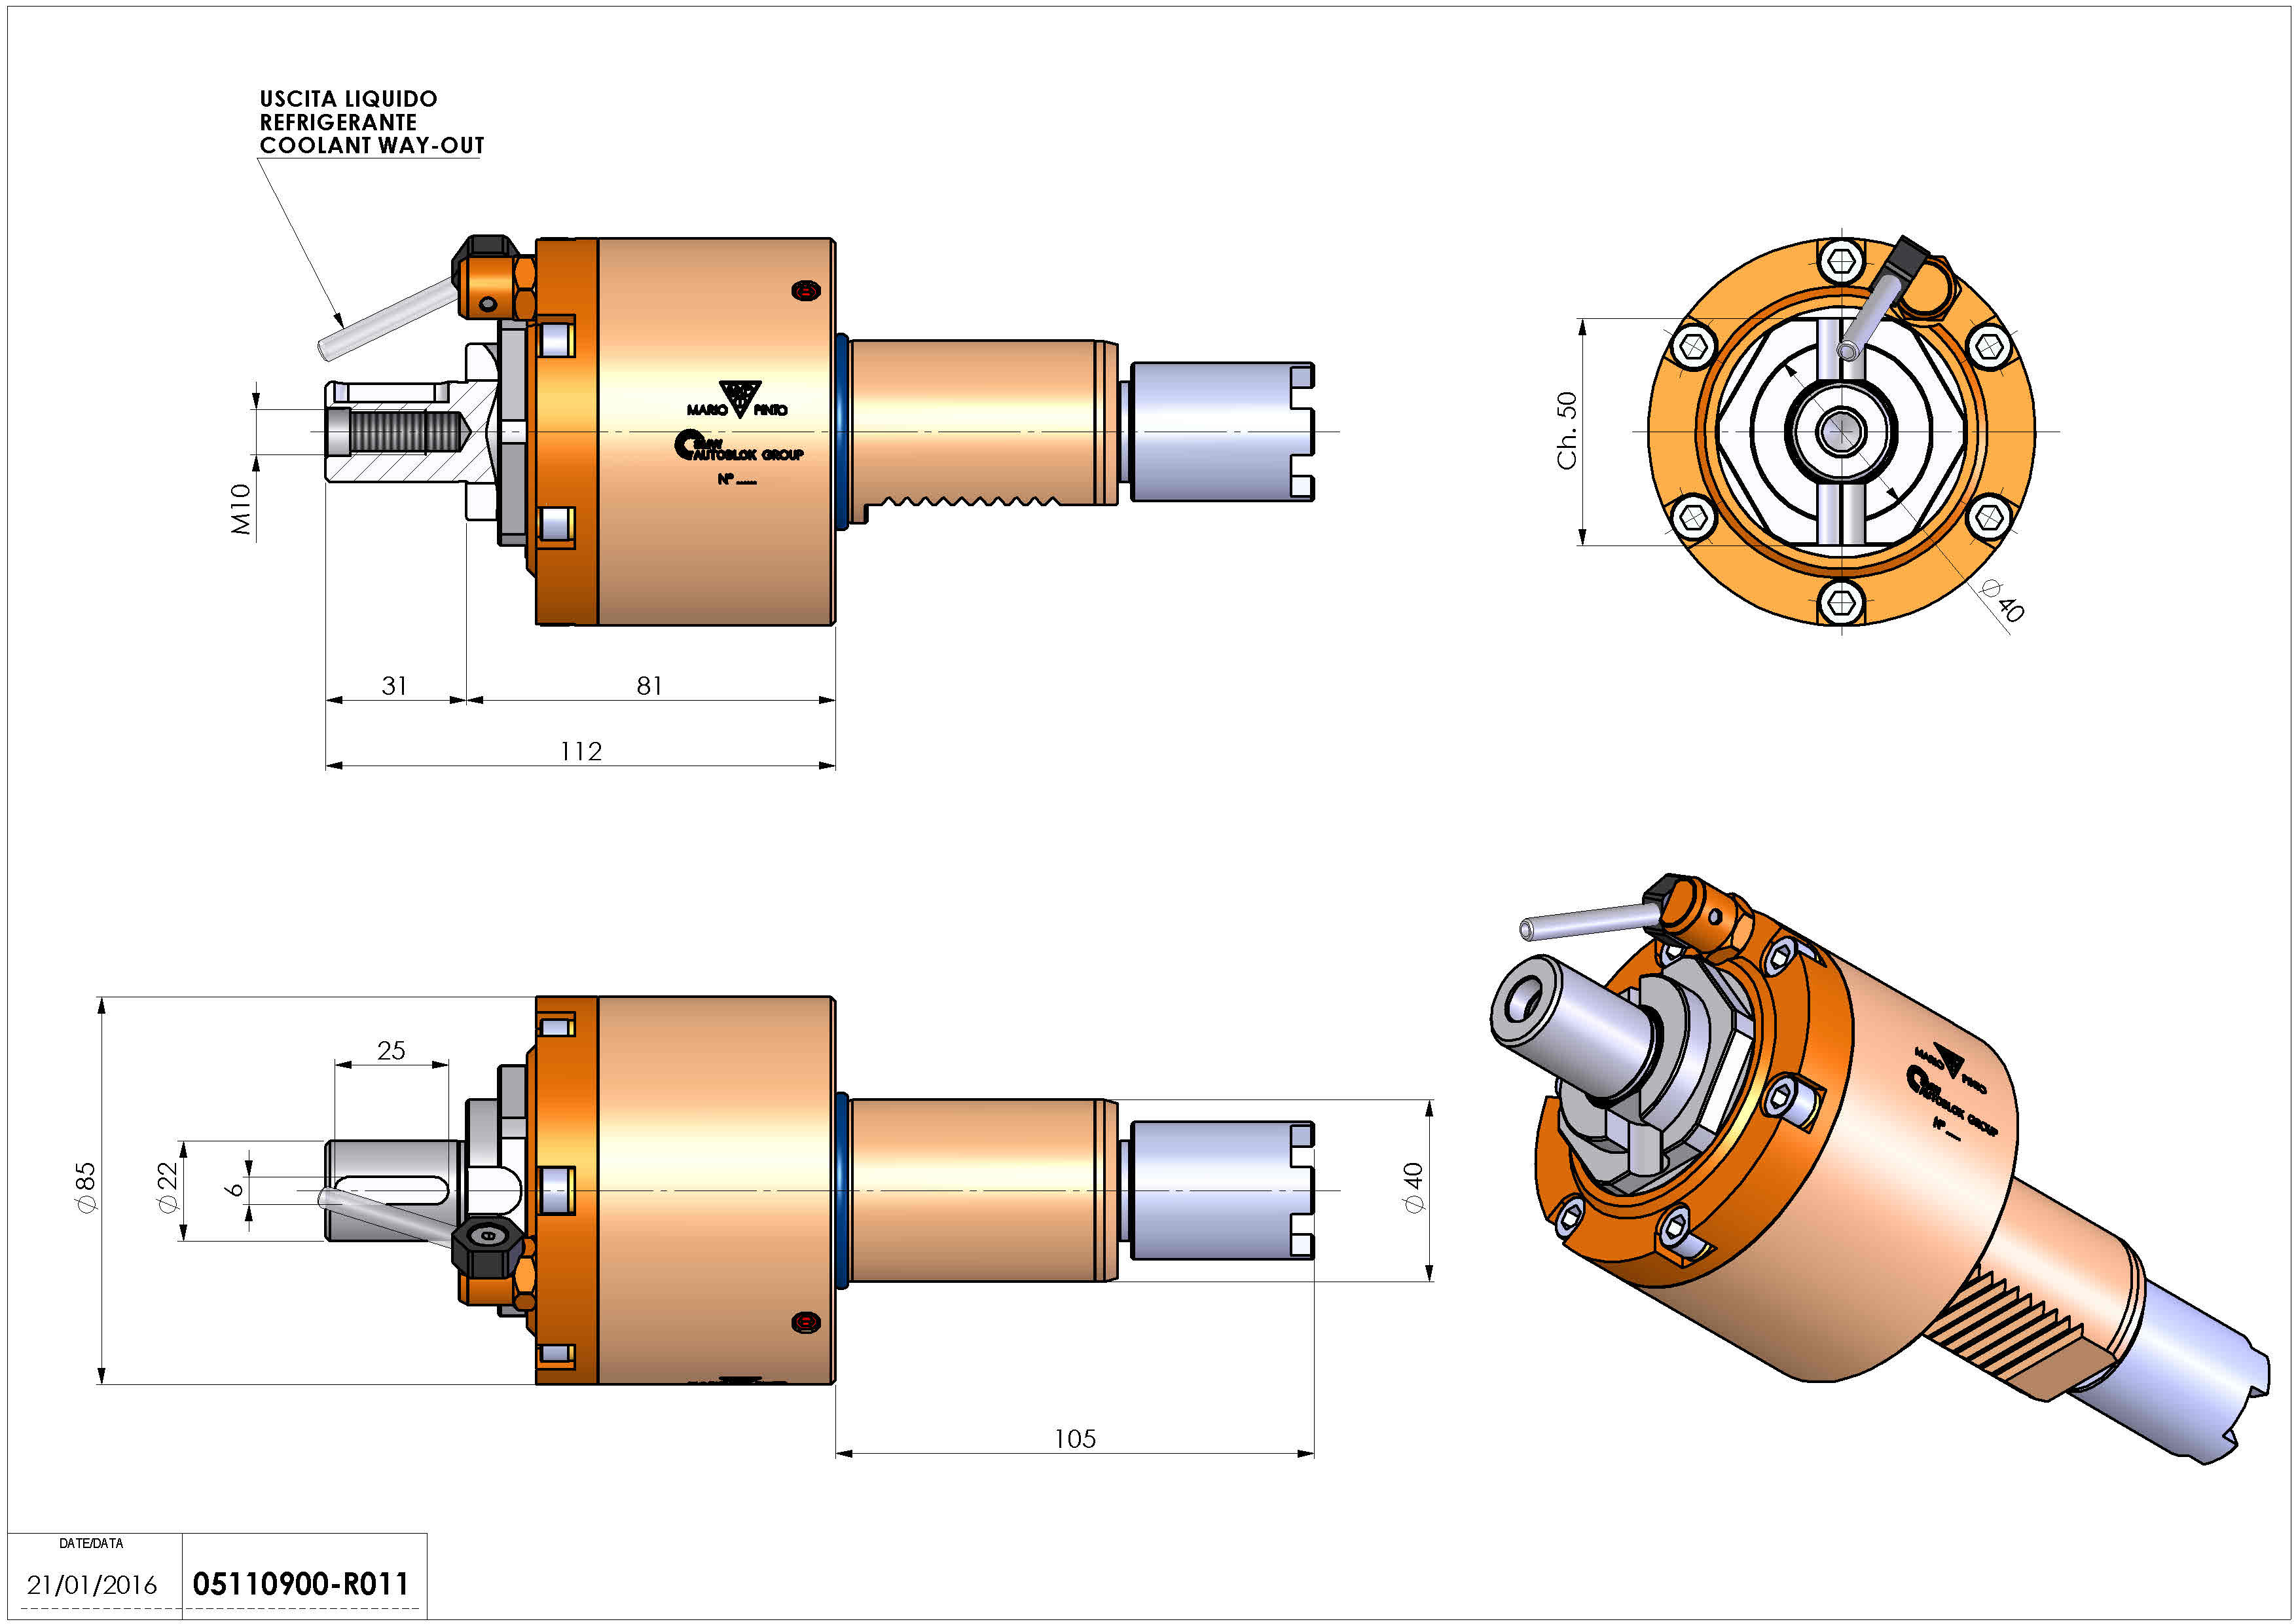 Technical image - LT-S VDI40 DIN22 H81 105 HA.